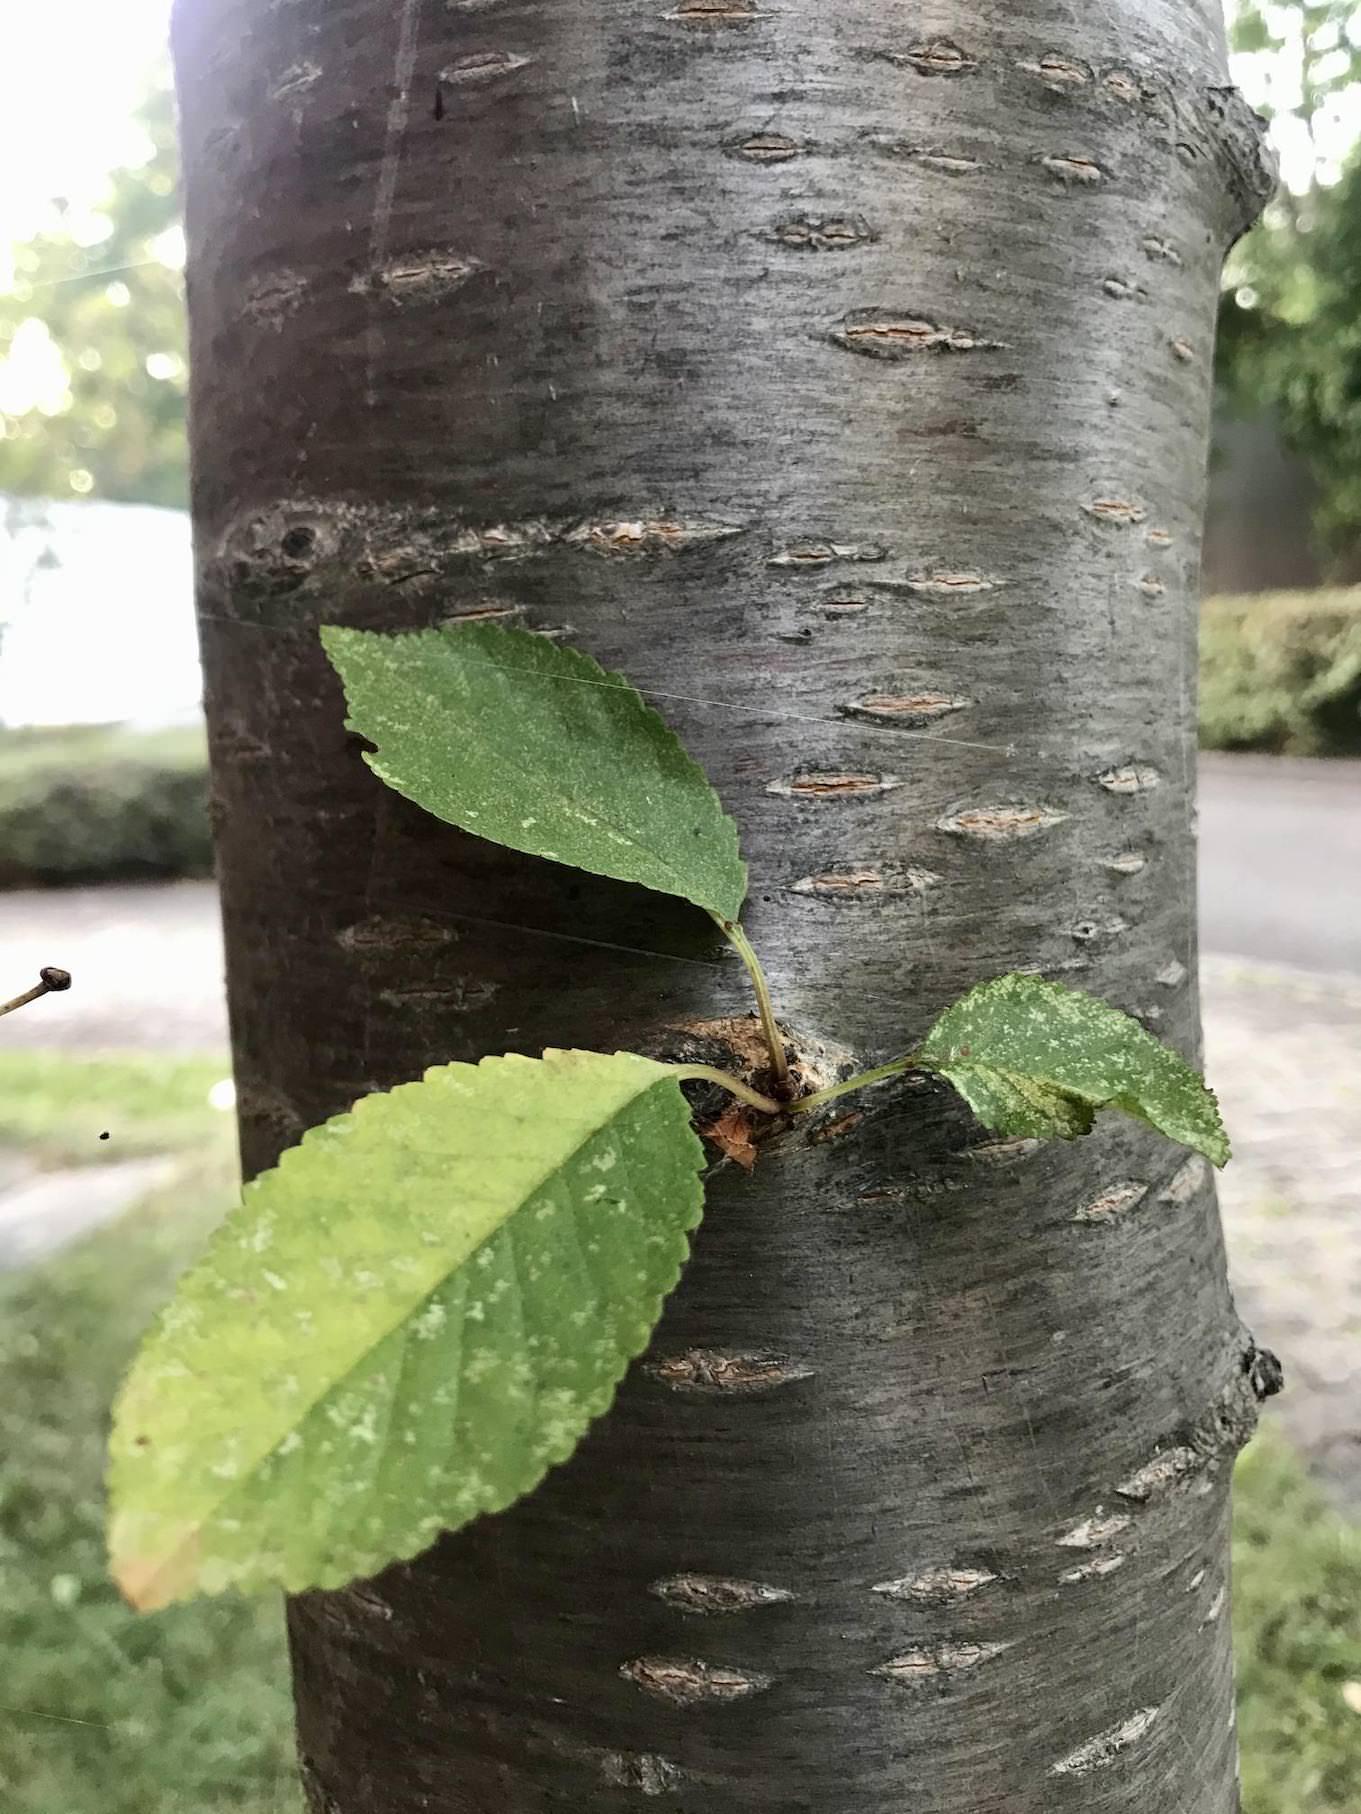 Rinde kirschbaum 3 Deko